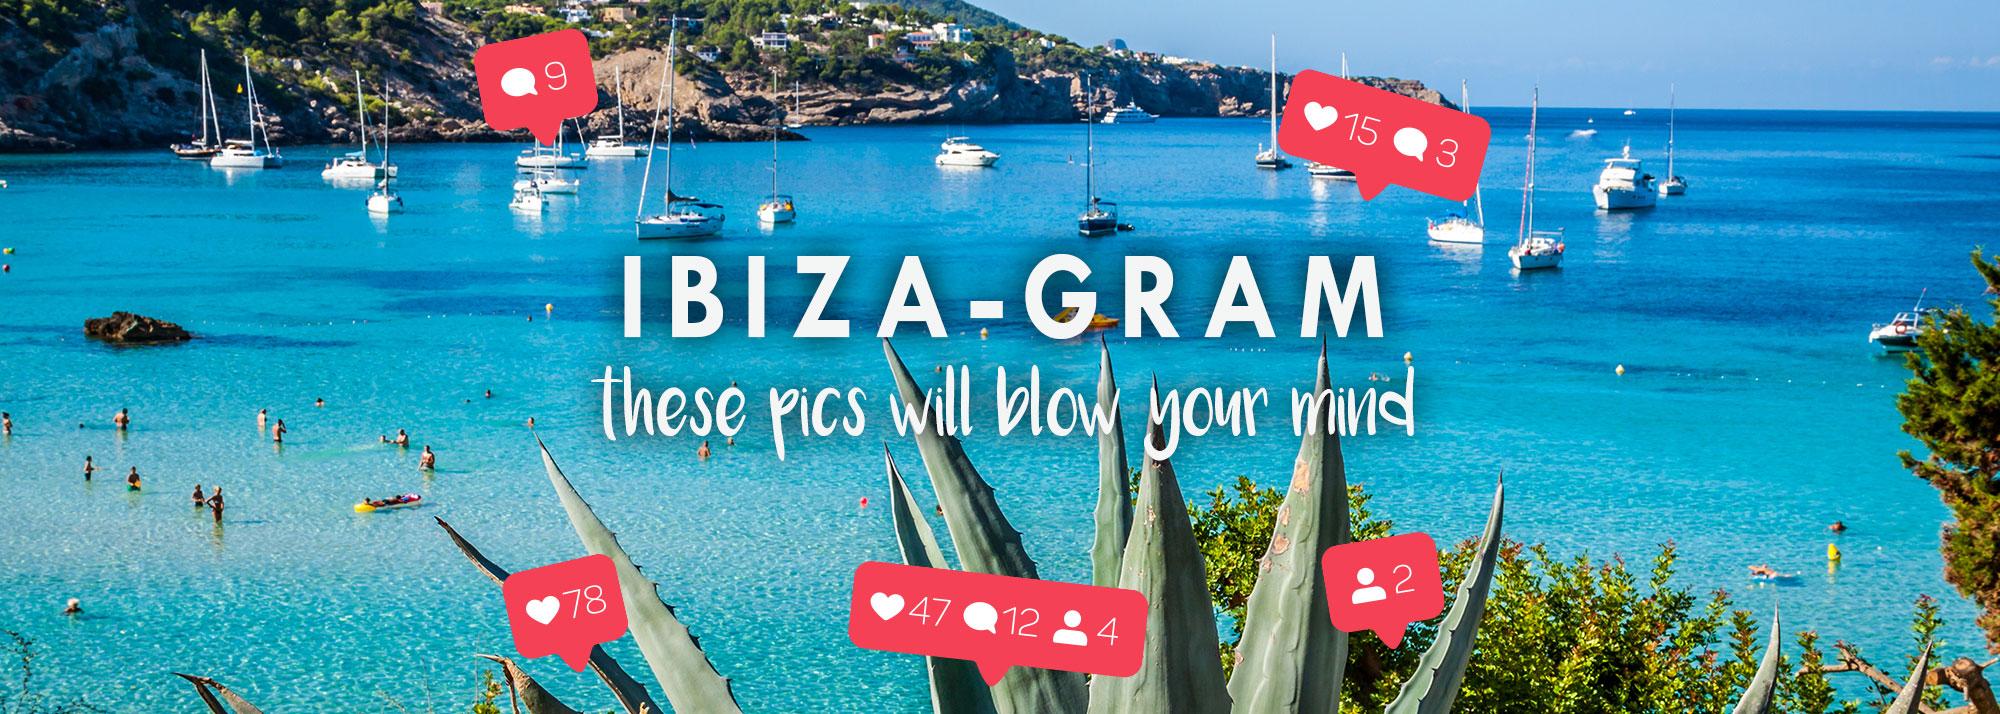 Ibiza – Gram!